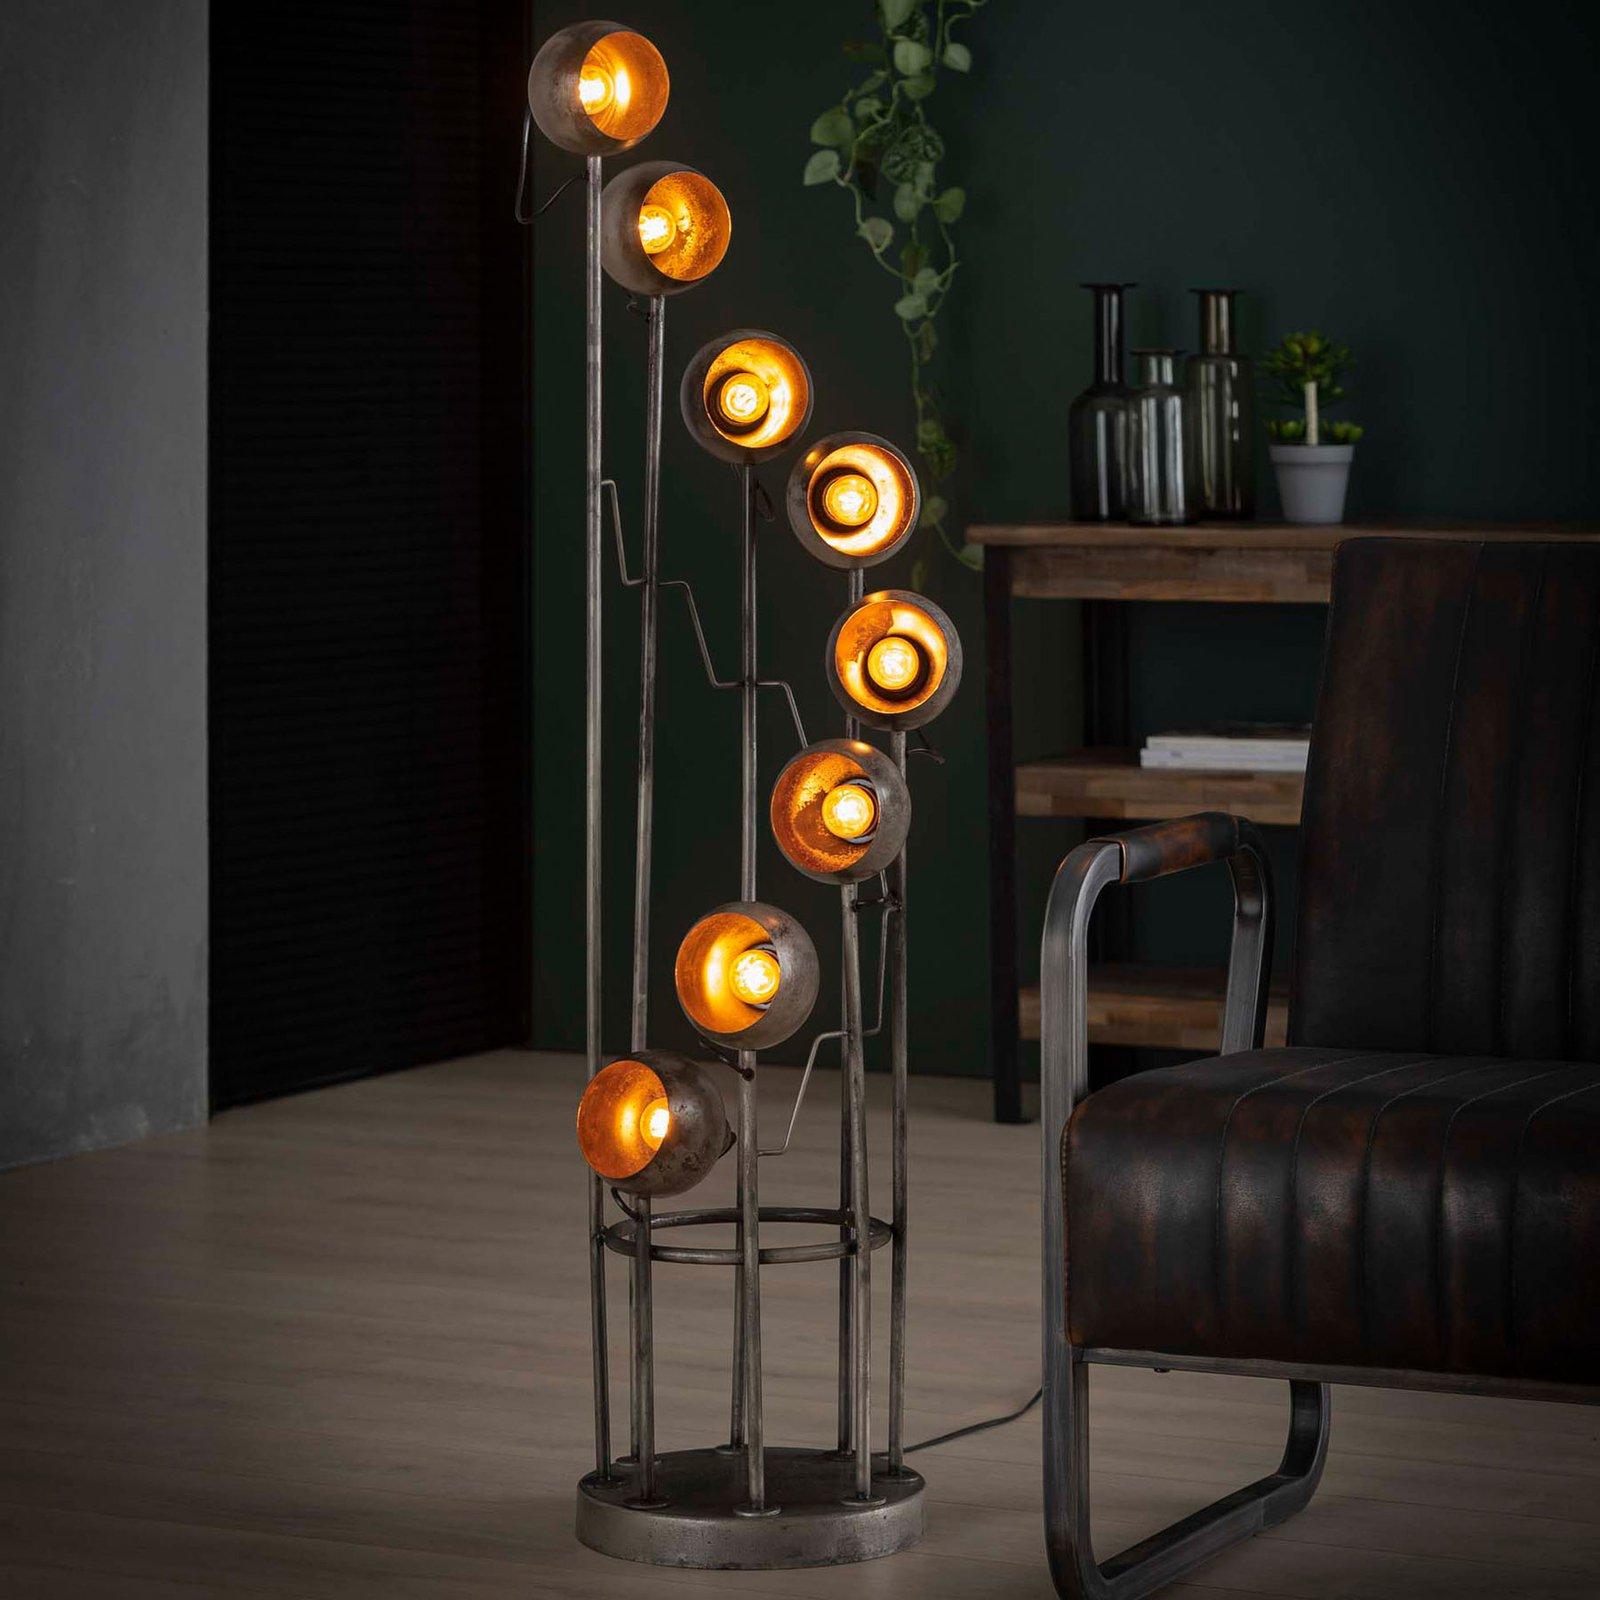 Gulvlampe Spiralamp, åtte lyskilder